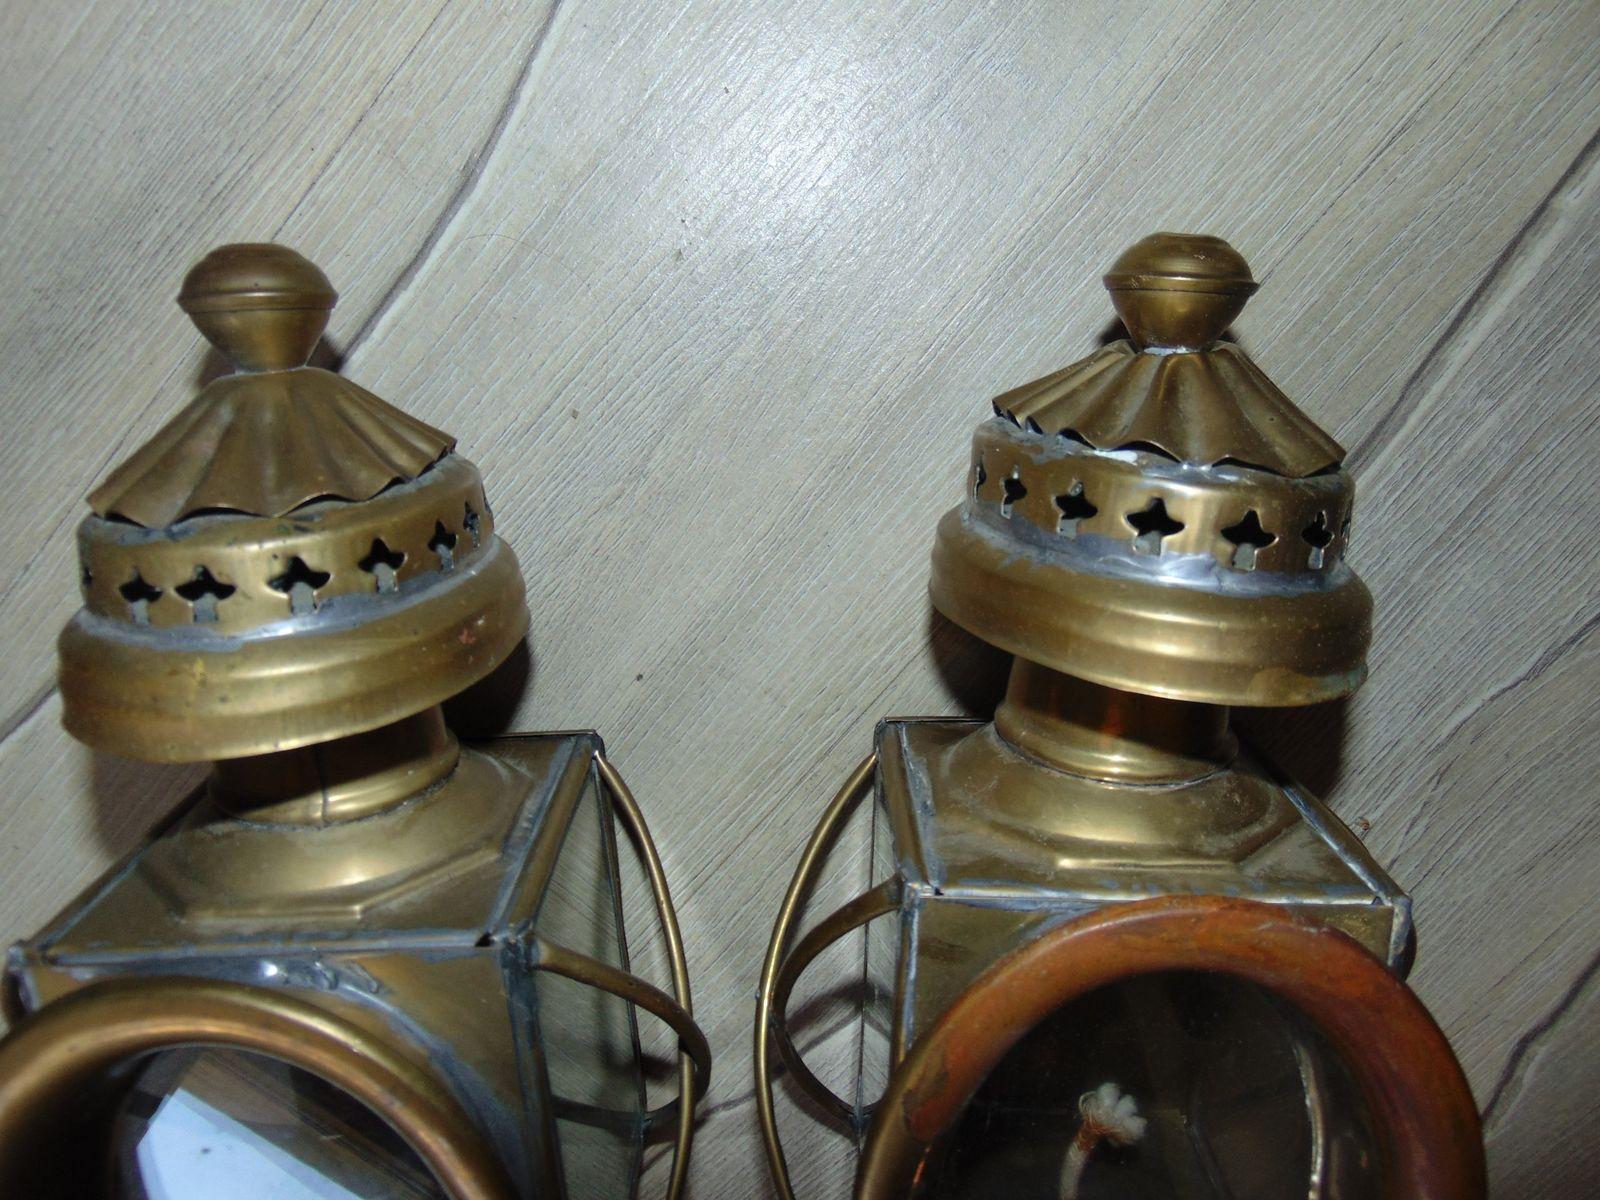 Lampade ad olio antiche in ottone set di in vendita su pamono